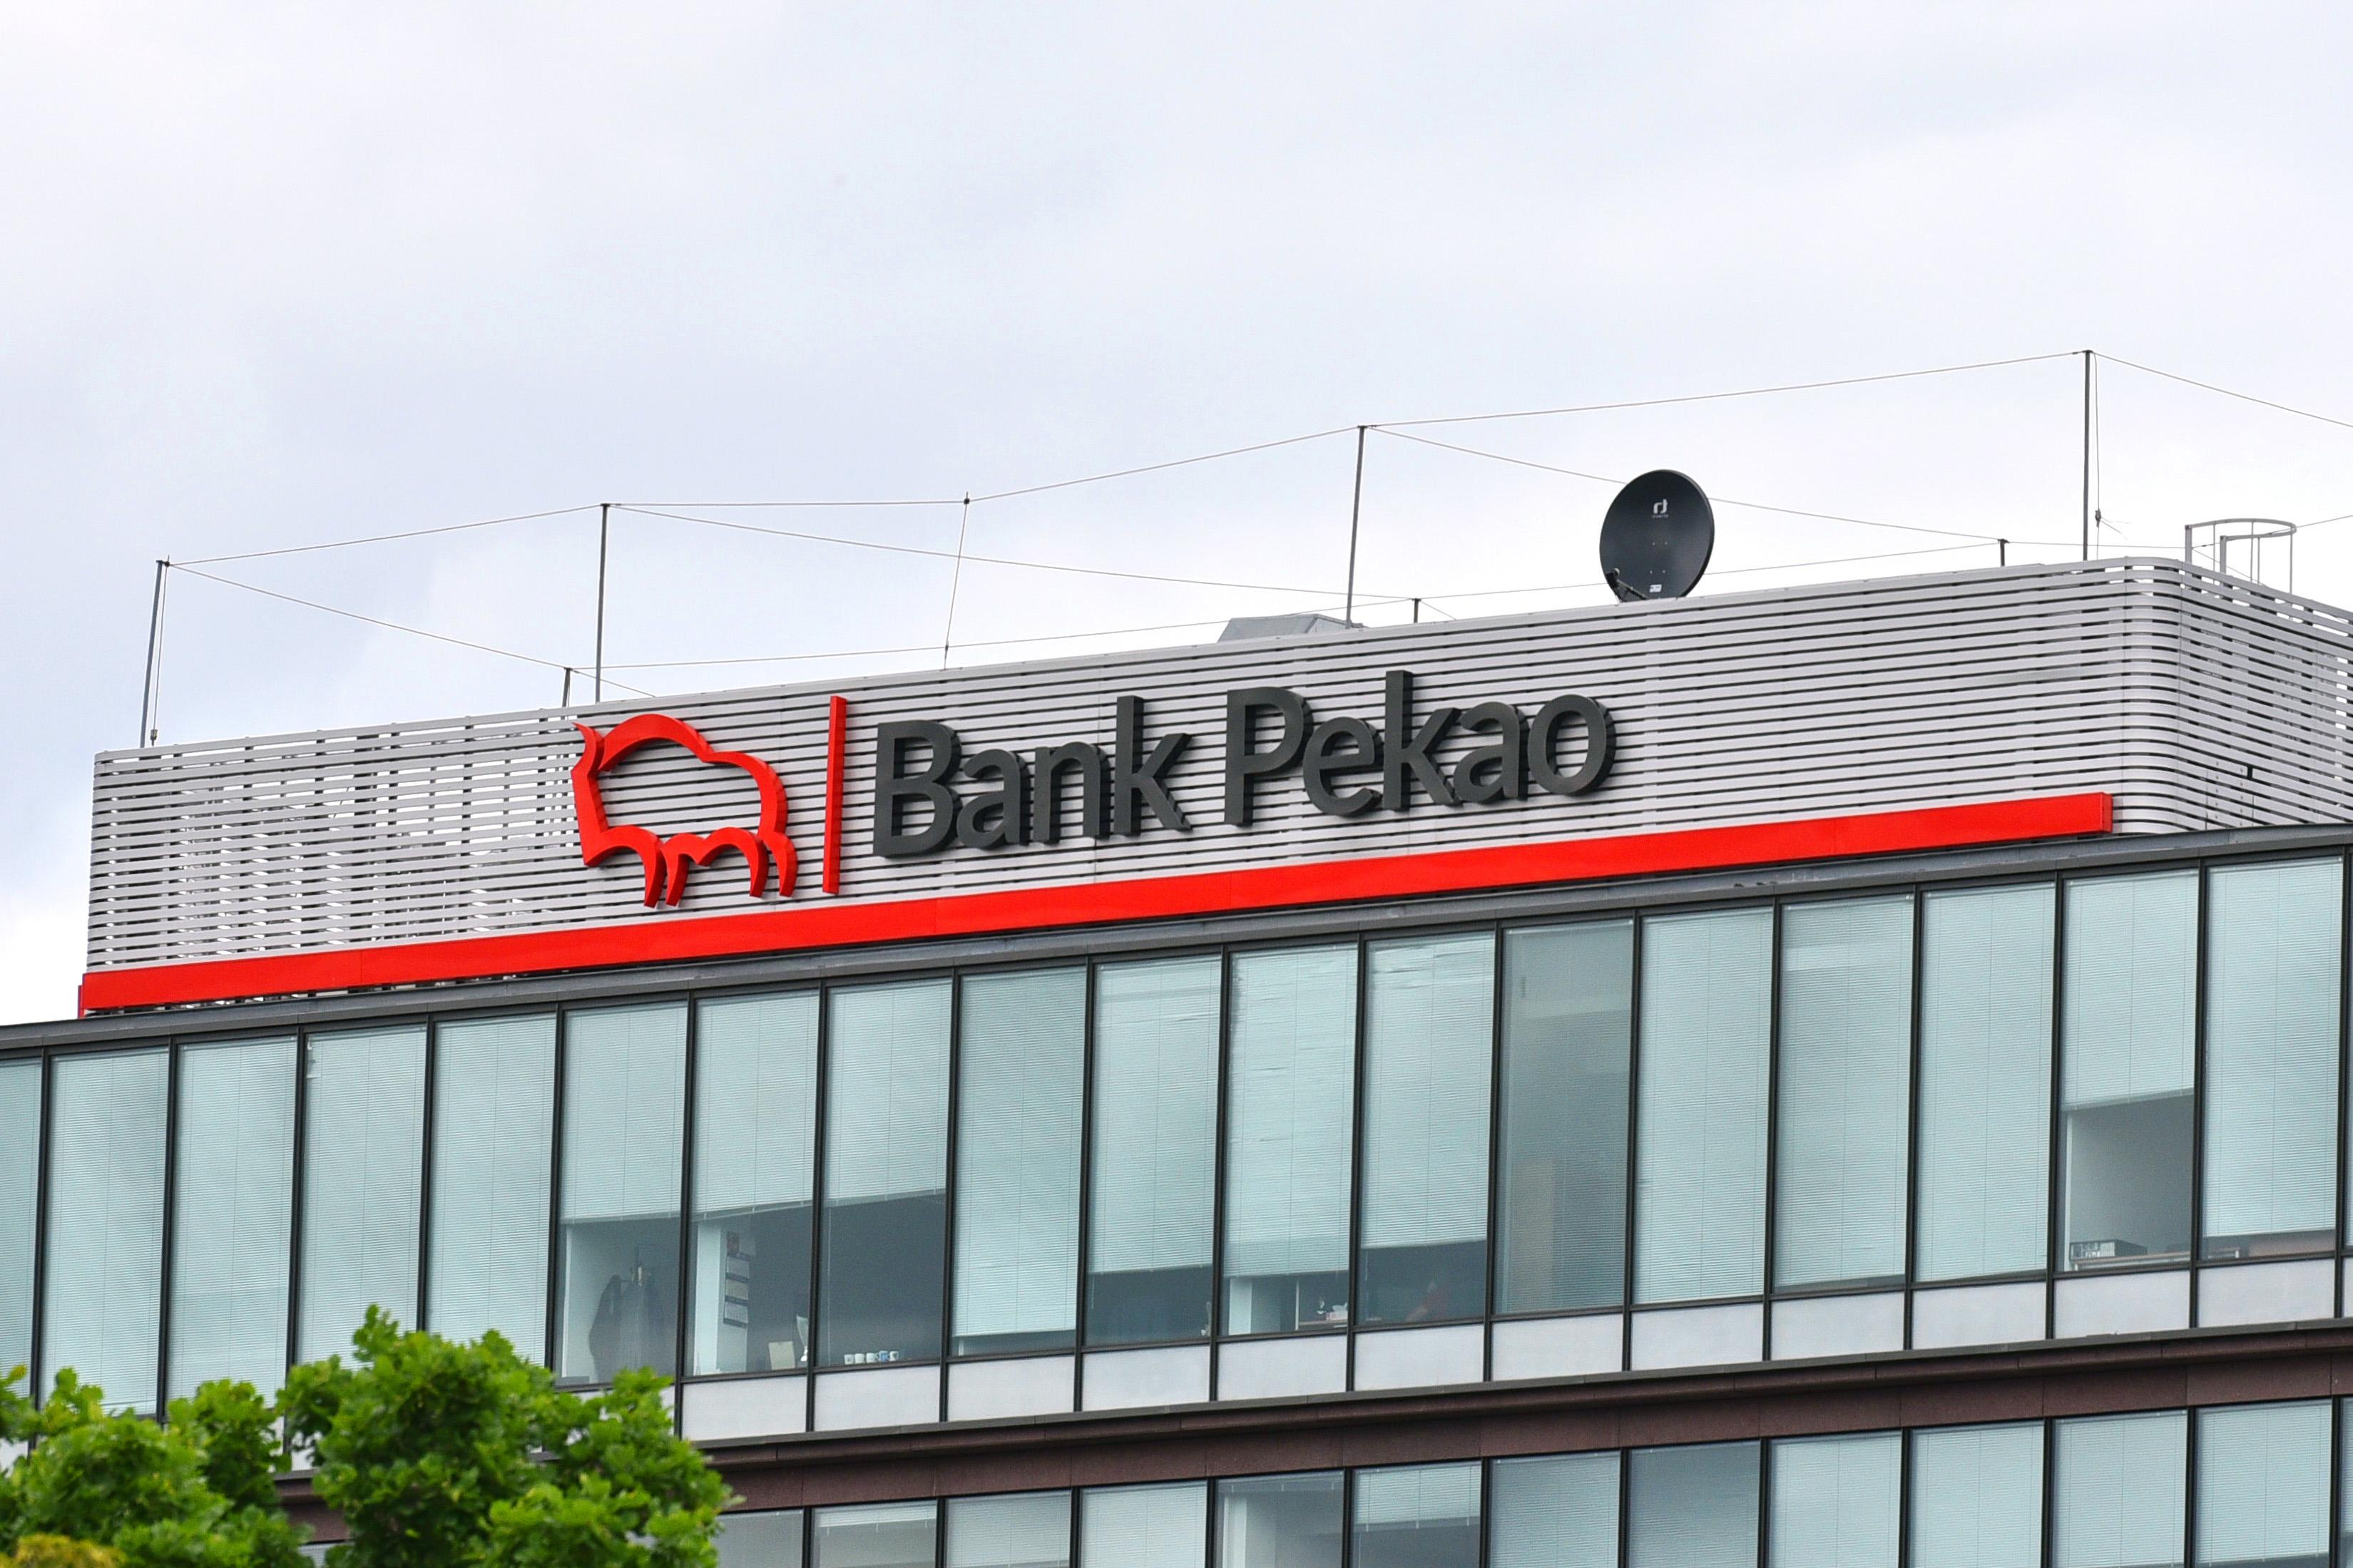 1700 zł od Pekao S.A., 3% na koncie oszczędnościowym, bilet do Multikina